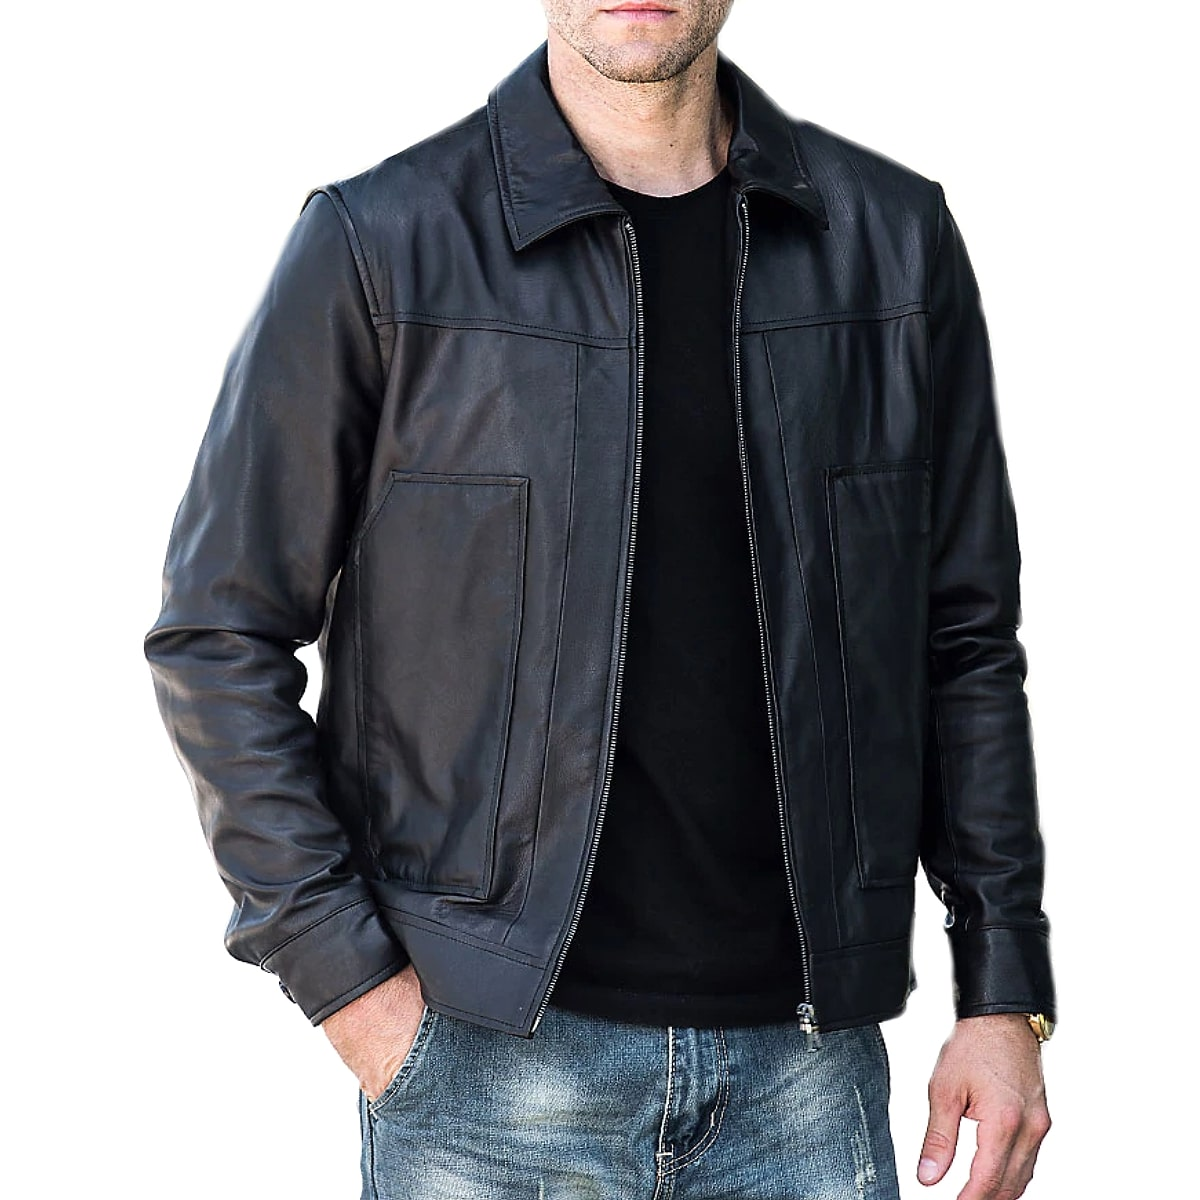 【送料無料!】全10サイズ! メンズ 本革 カウハイドレザー ライダースジャケット! 牛革 バイクジャケット ブラック 黒 アウター コート 羽織り ジャンパー 上着 オールシーズン 年中着用可能! 男性用 ビッグサイズ バイカー バイクに!